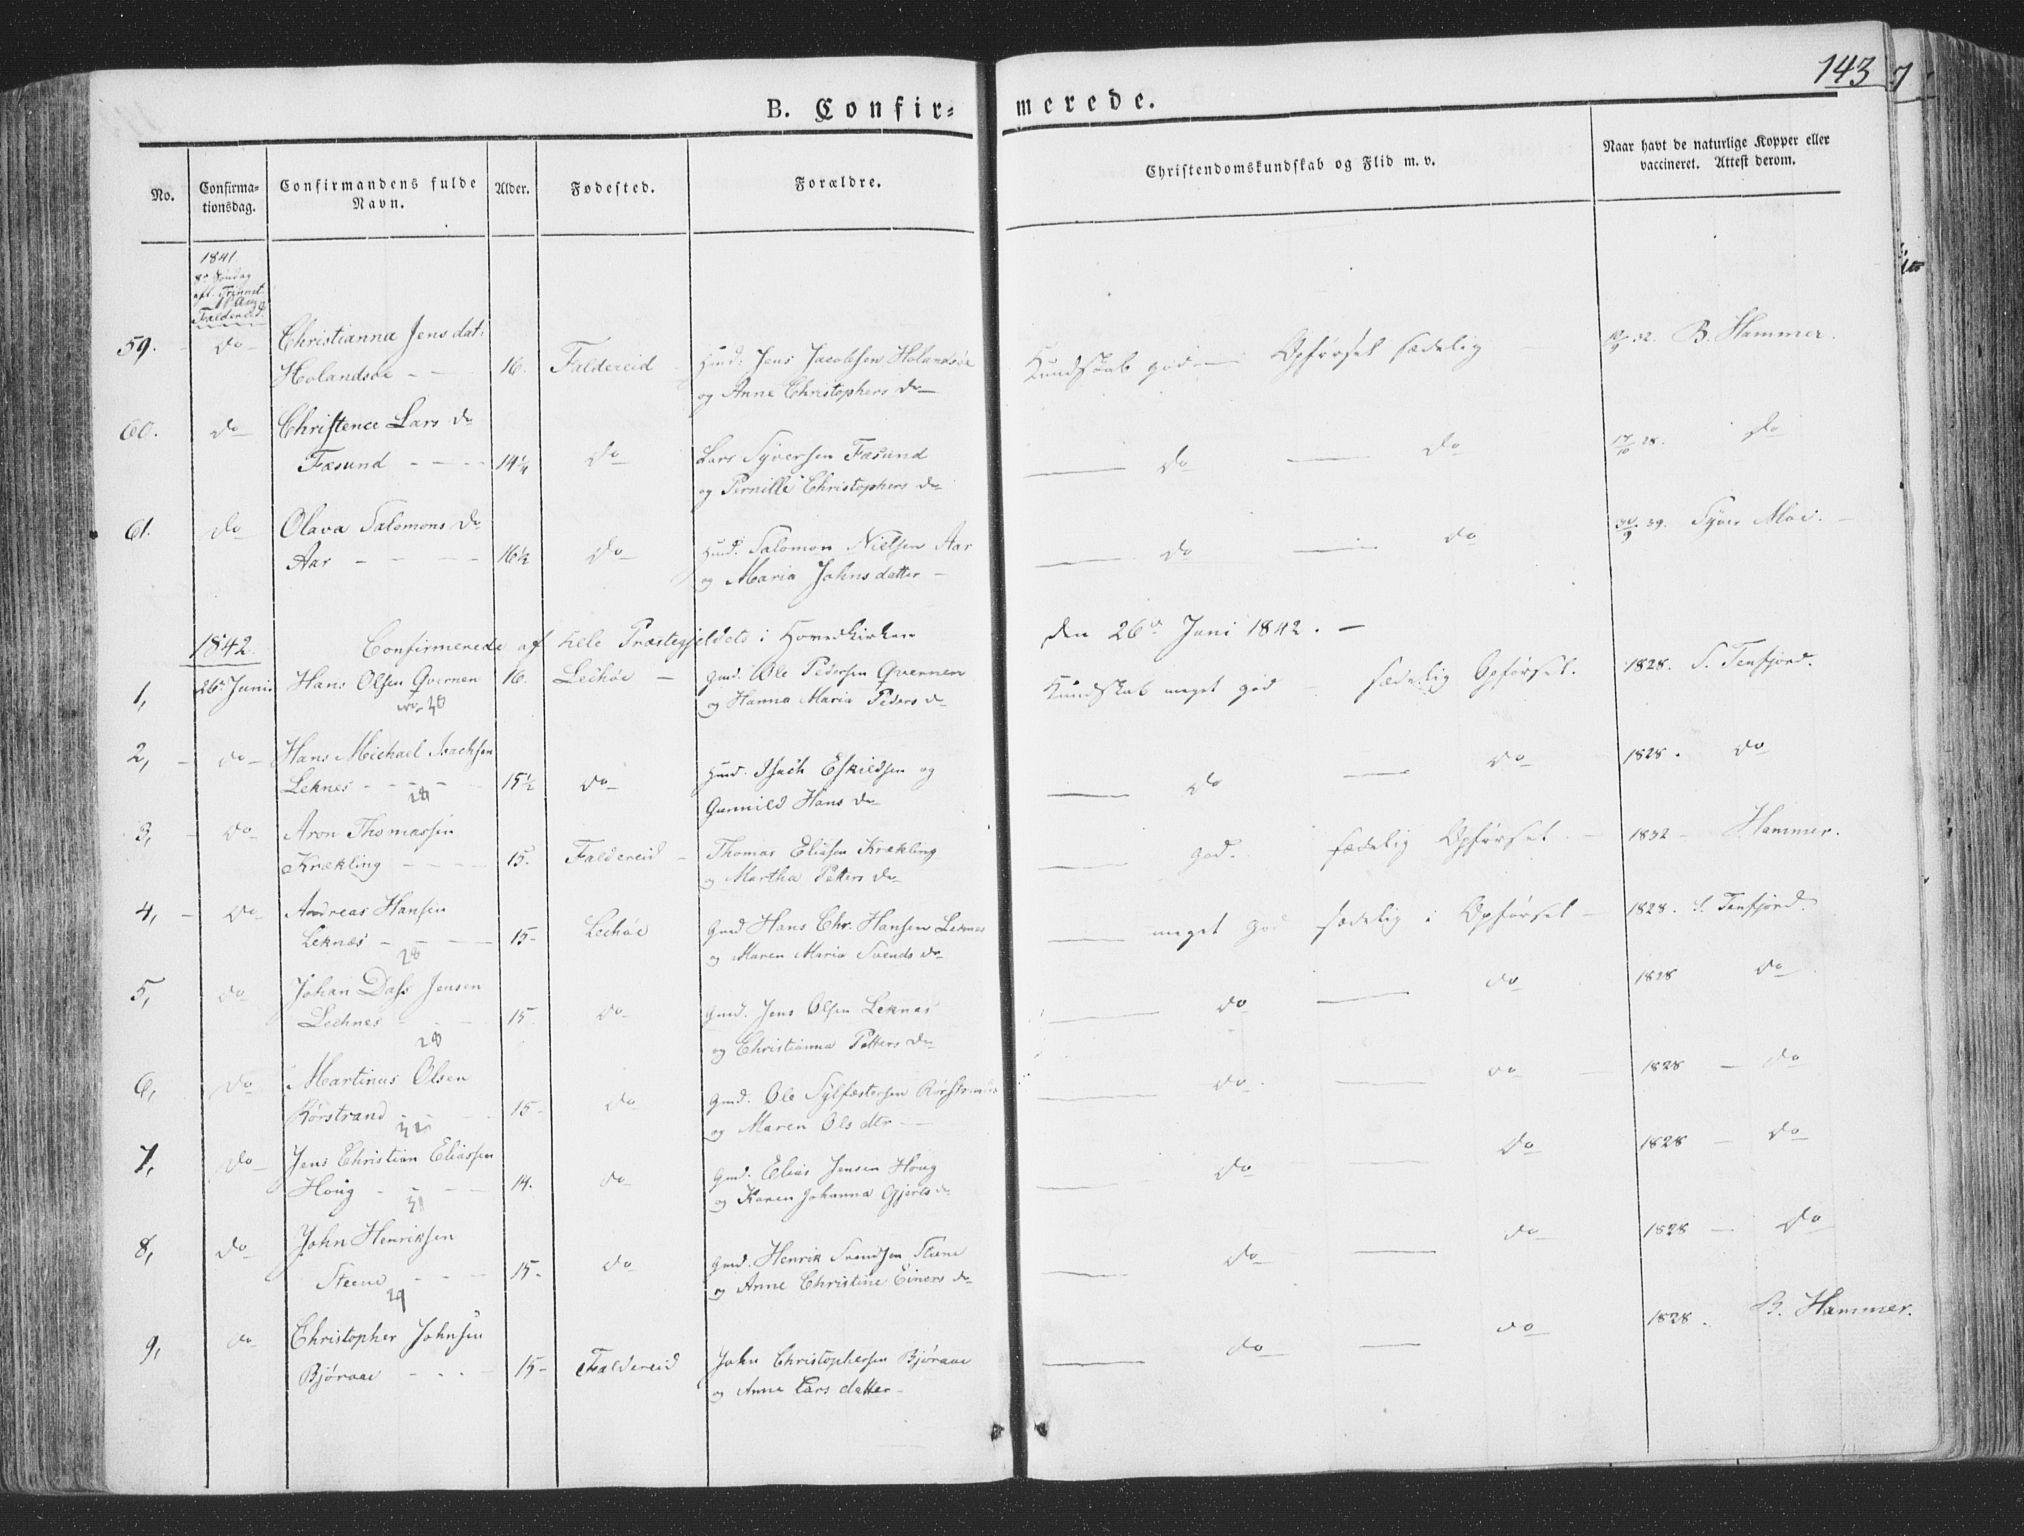 SAT, Ministerialprotokoller, klokkerbøker og fødselsregistre - Nord-Trøndelag, 780/L0639: Ministerialbok nr. 780A04, 1830-1844, s. 143